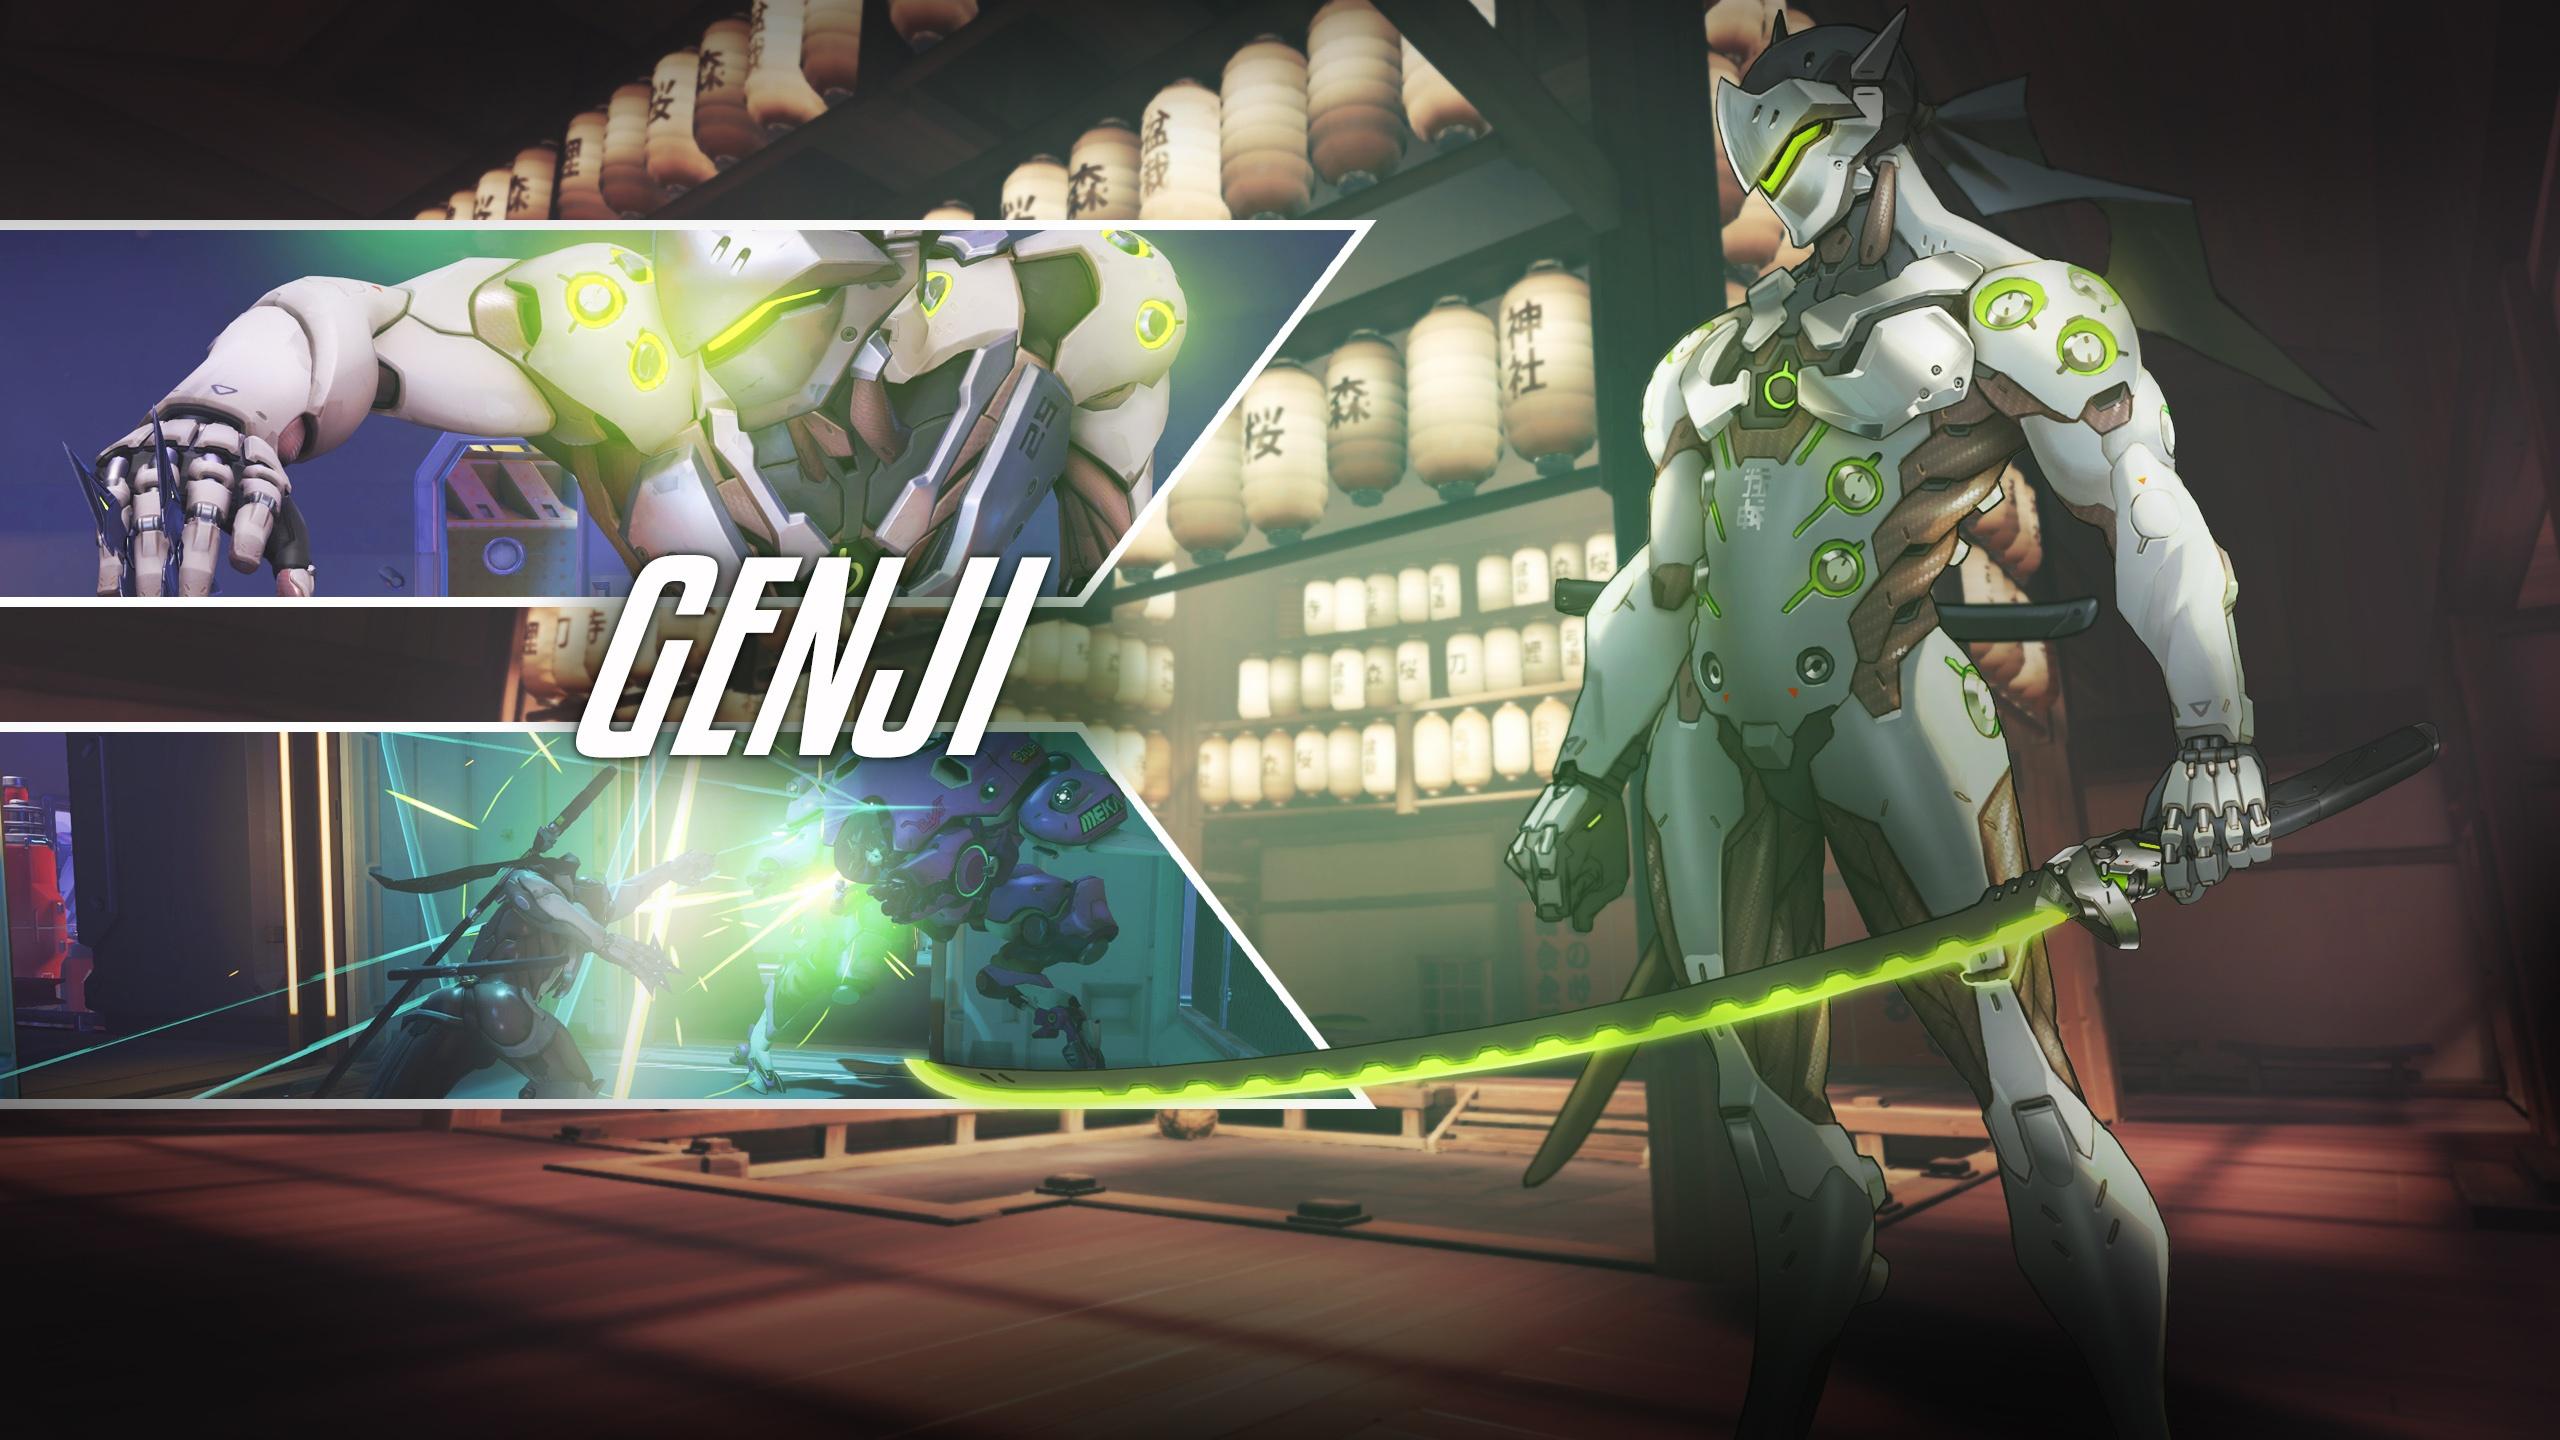 Genji Overwatch Wallpapers HD Wallpapers 2560x1440